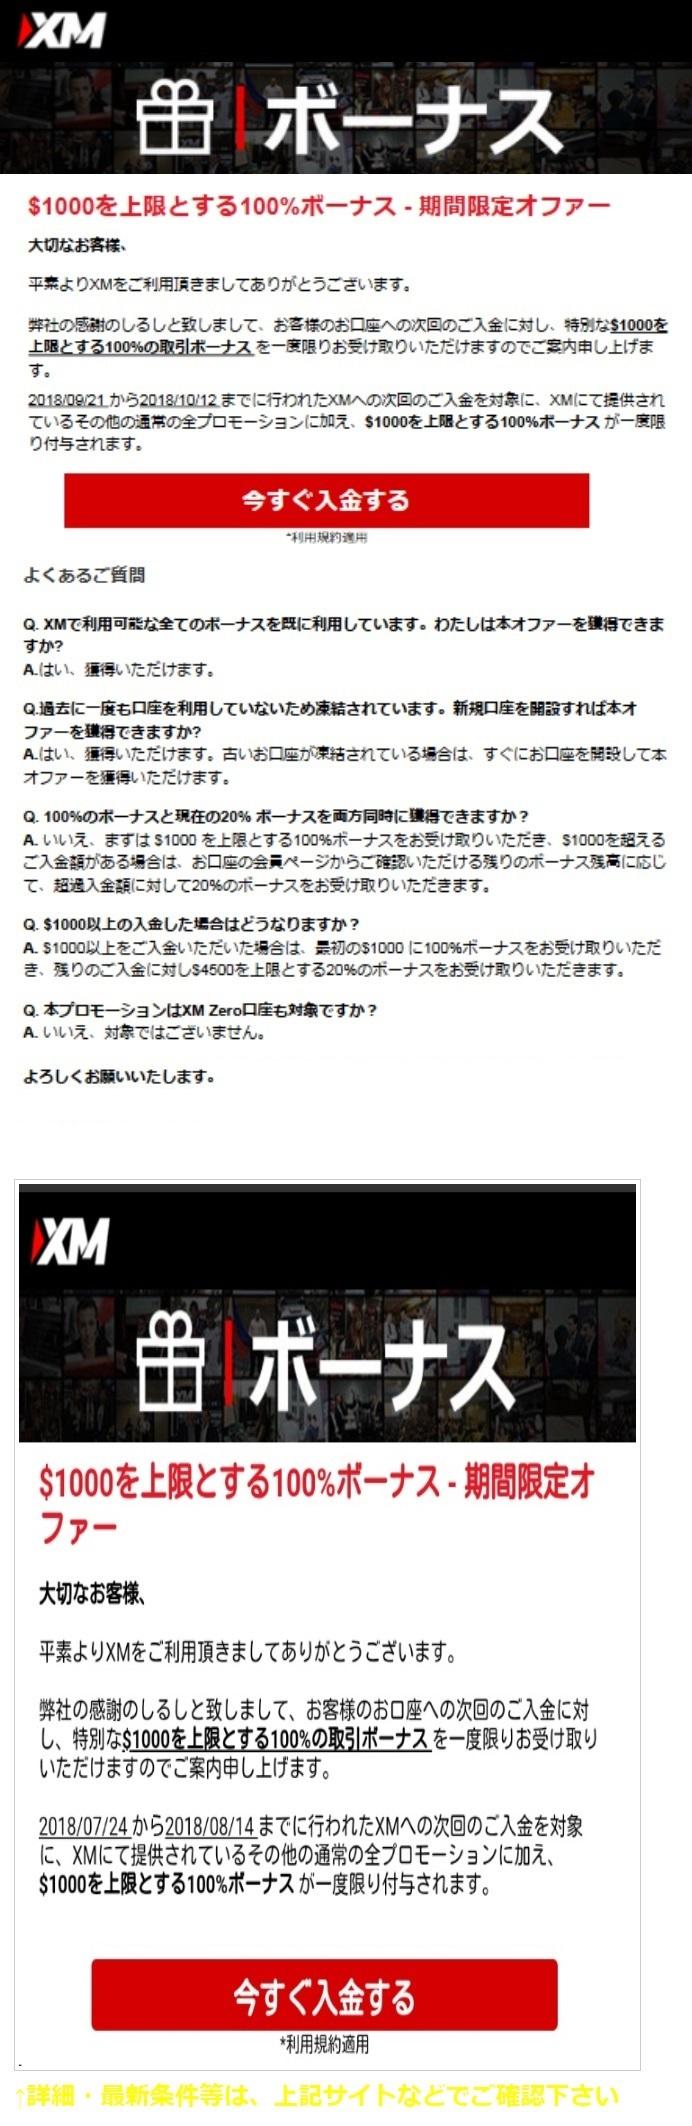 エックスイーマーケッツ1000ドル入金ボーナス.jpg